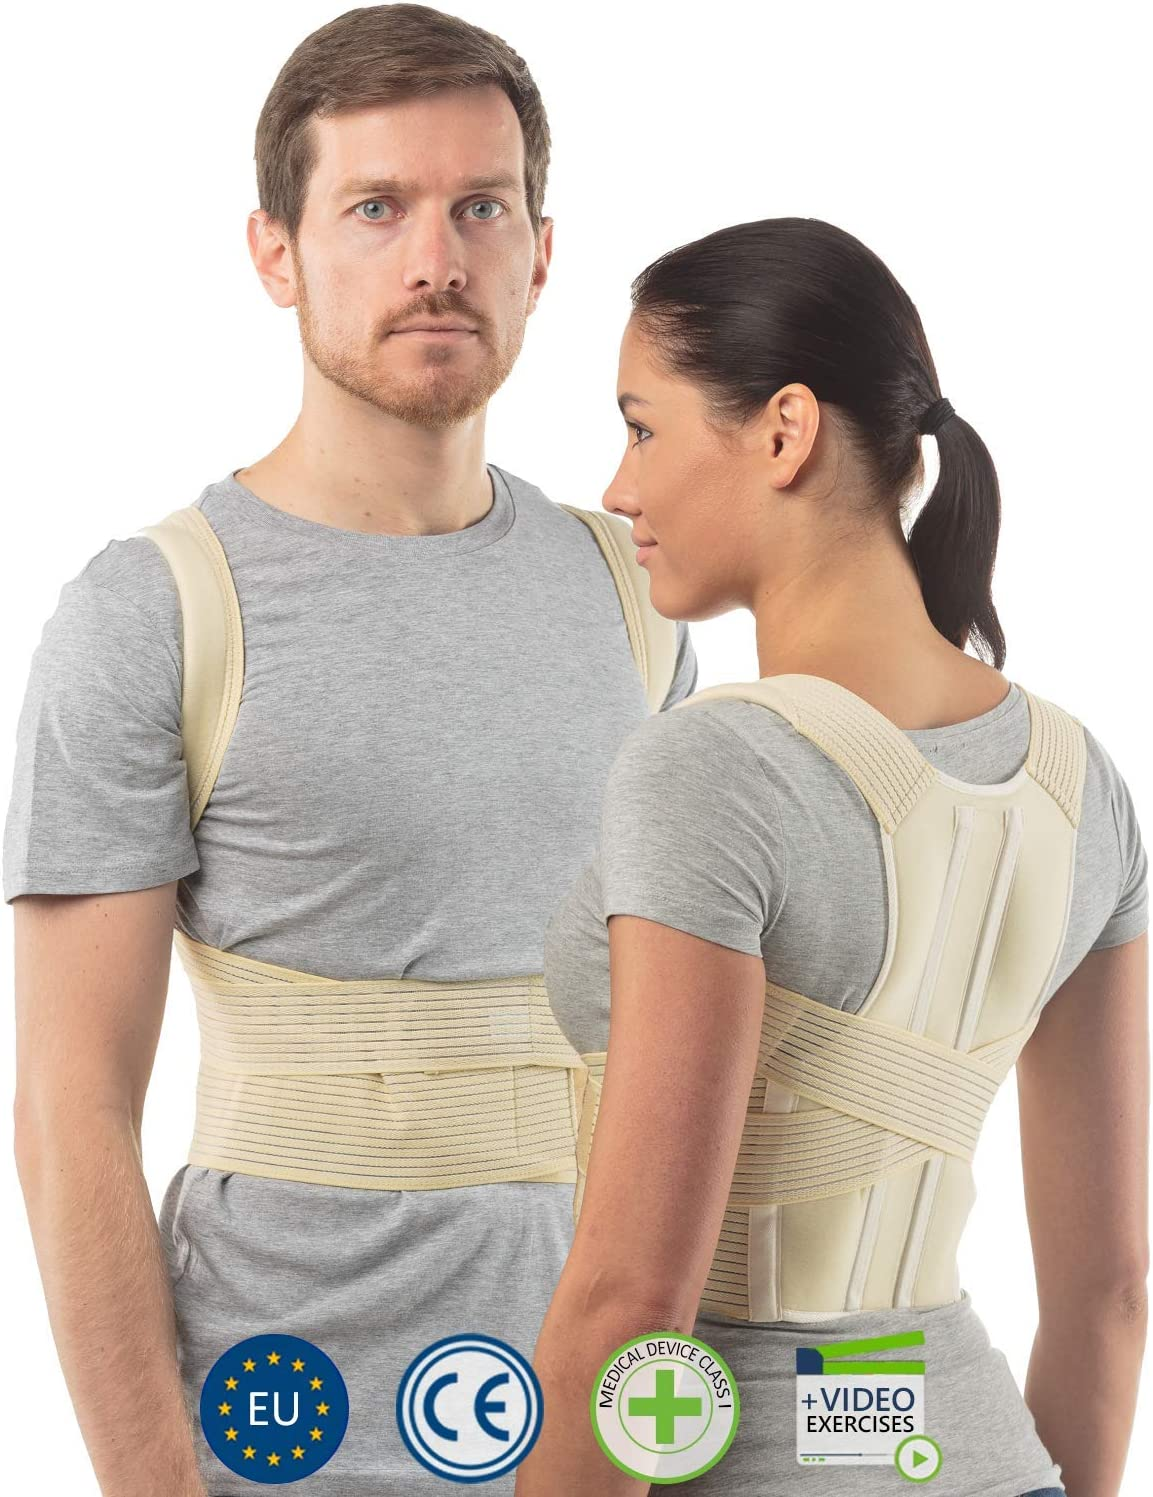 aHeal Corrector de Postura de Espalda para Hombre y Mujer | Soporte de Espalda y Columna Lumbar Superior para Corrección de Postura | Alivio del Dolor y Rehabilitación de Lesiones | Talla 4 Piel